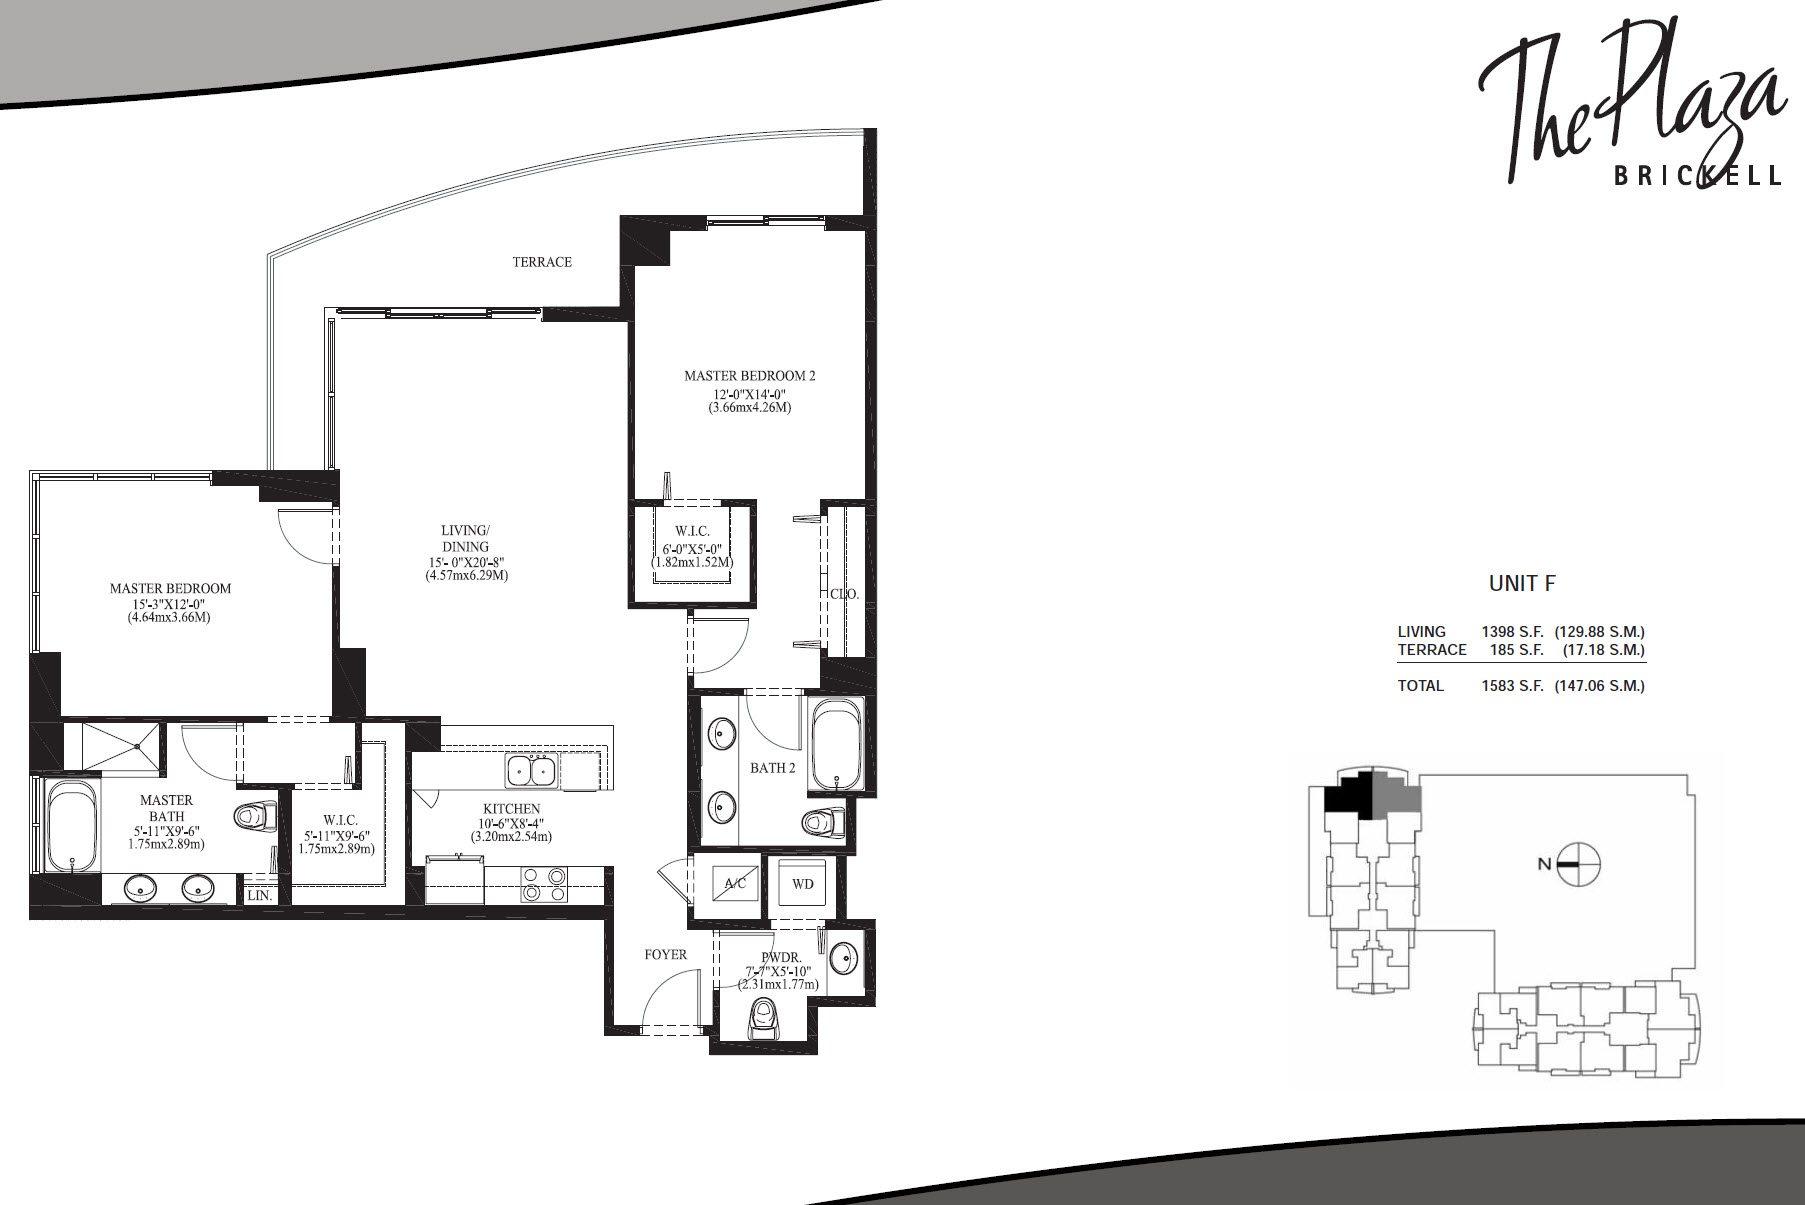 the-plaza-on-brickell-unit-3211-floor-plan